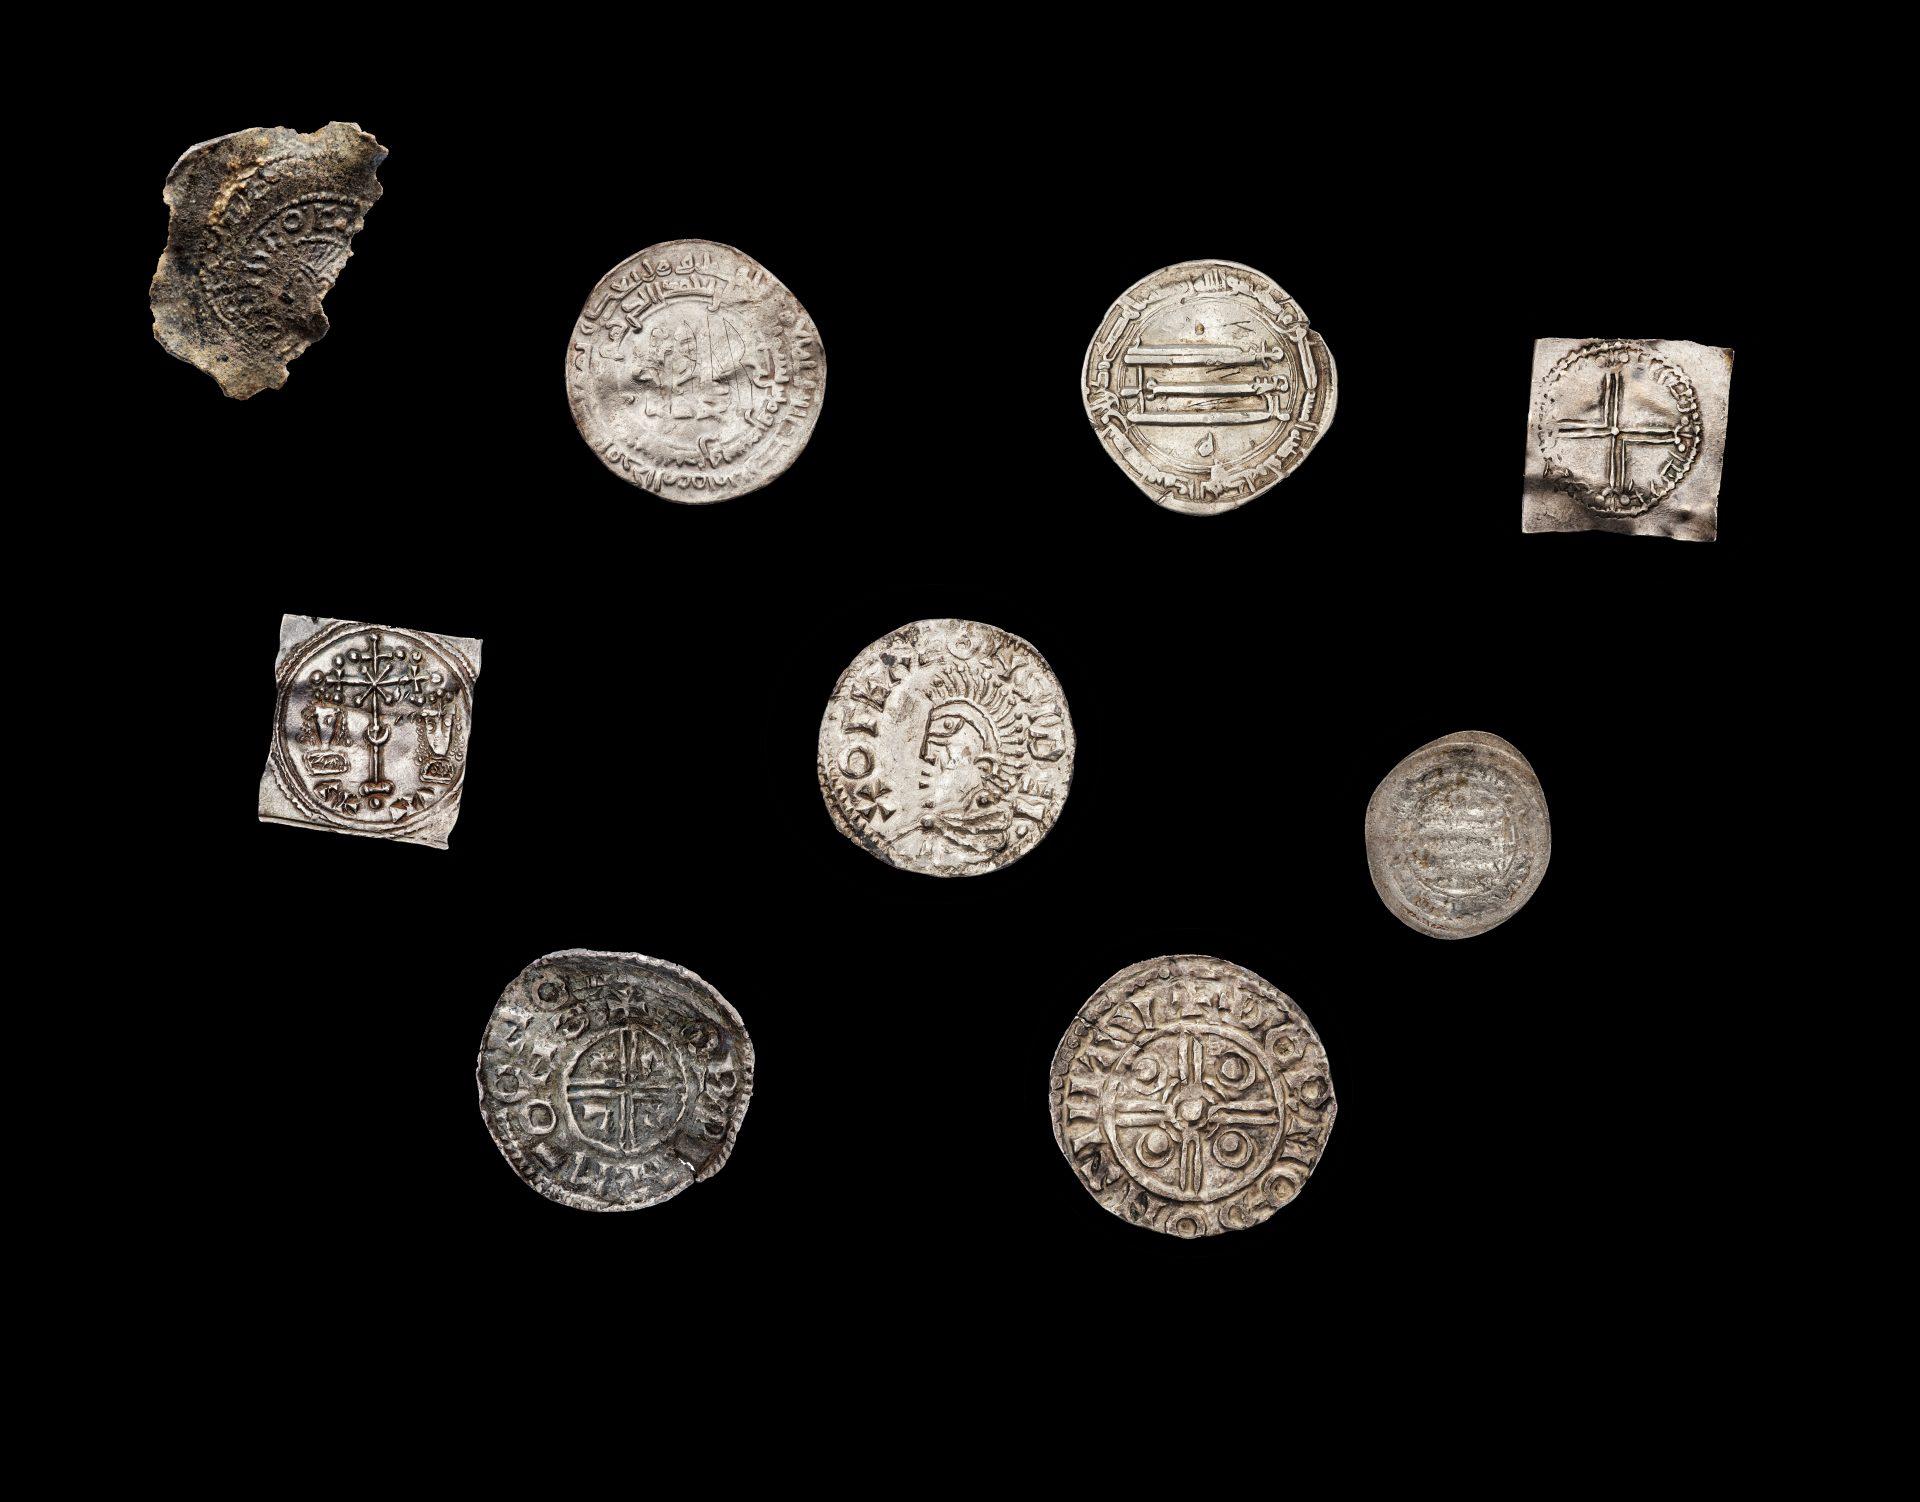 Mynt från vikingatiden mot svart bakgrund.